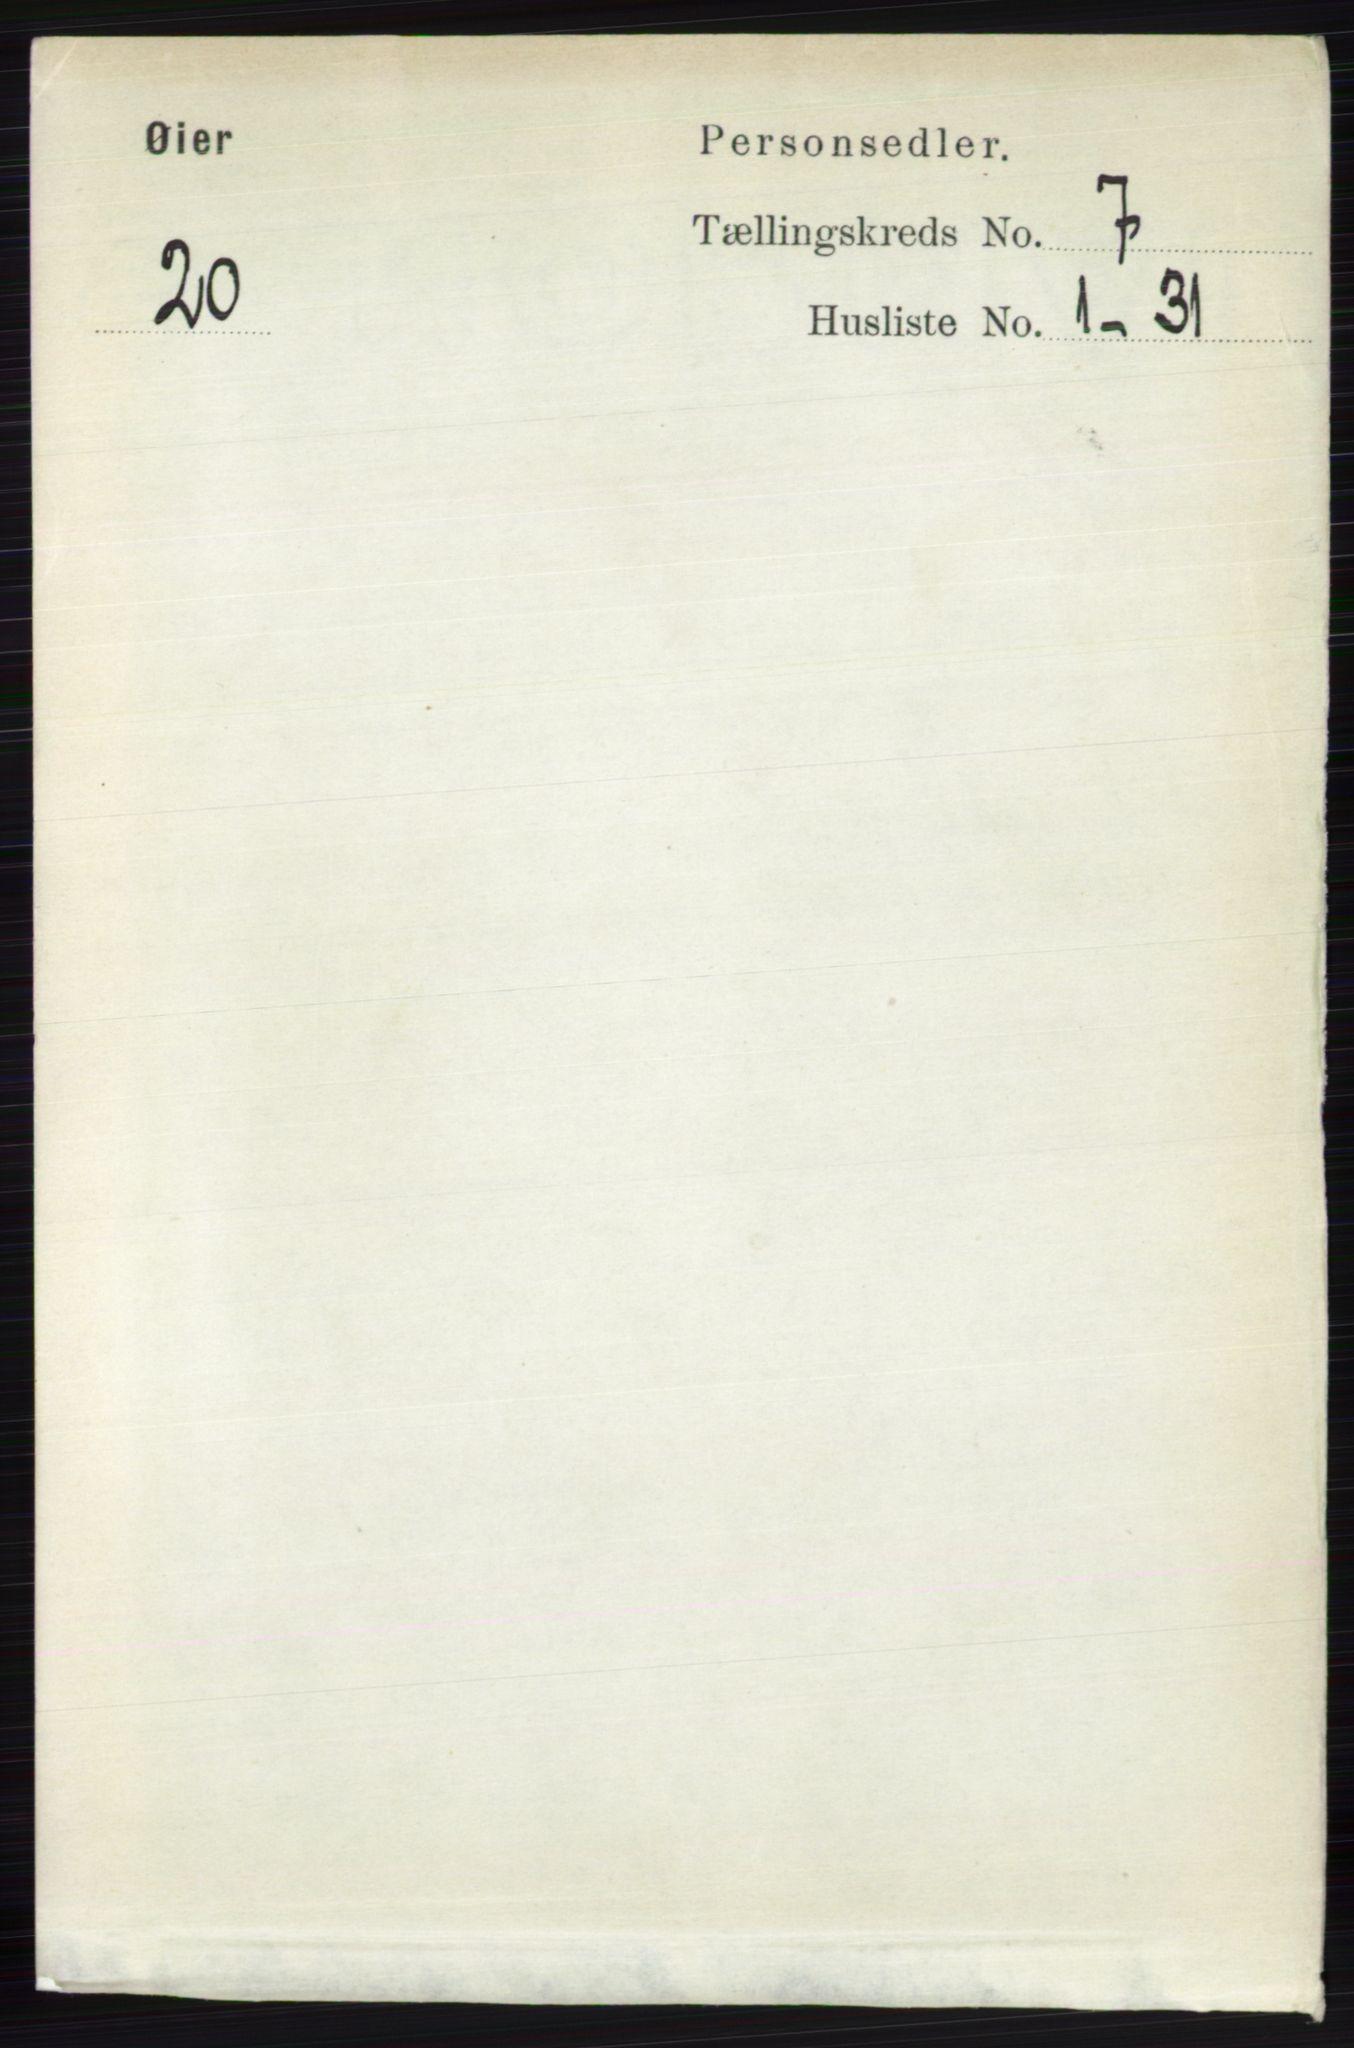 RA, Folketelling 1891 for 0521 Øyer herred, 1891, s. 2475